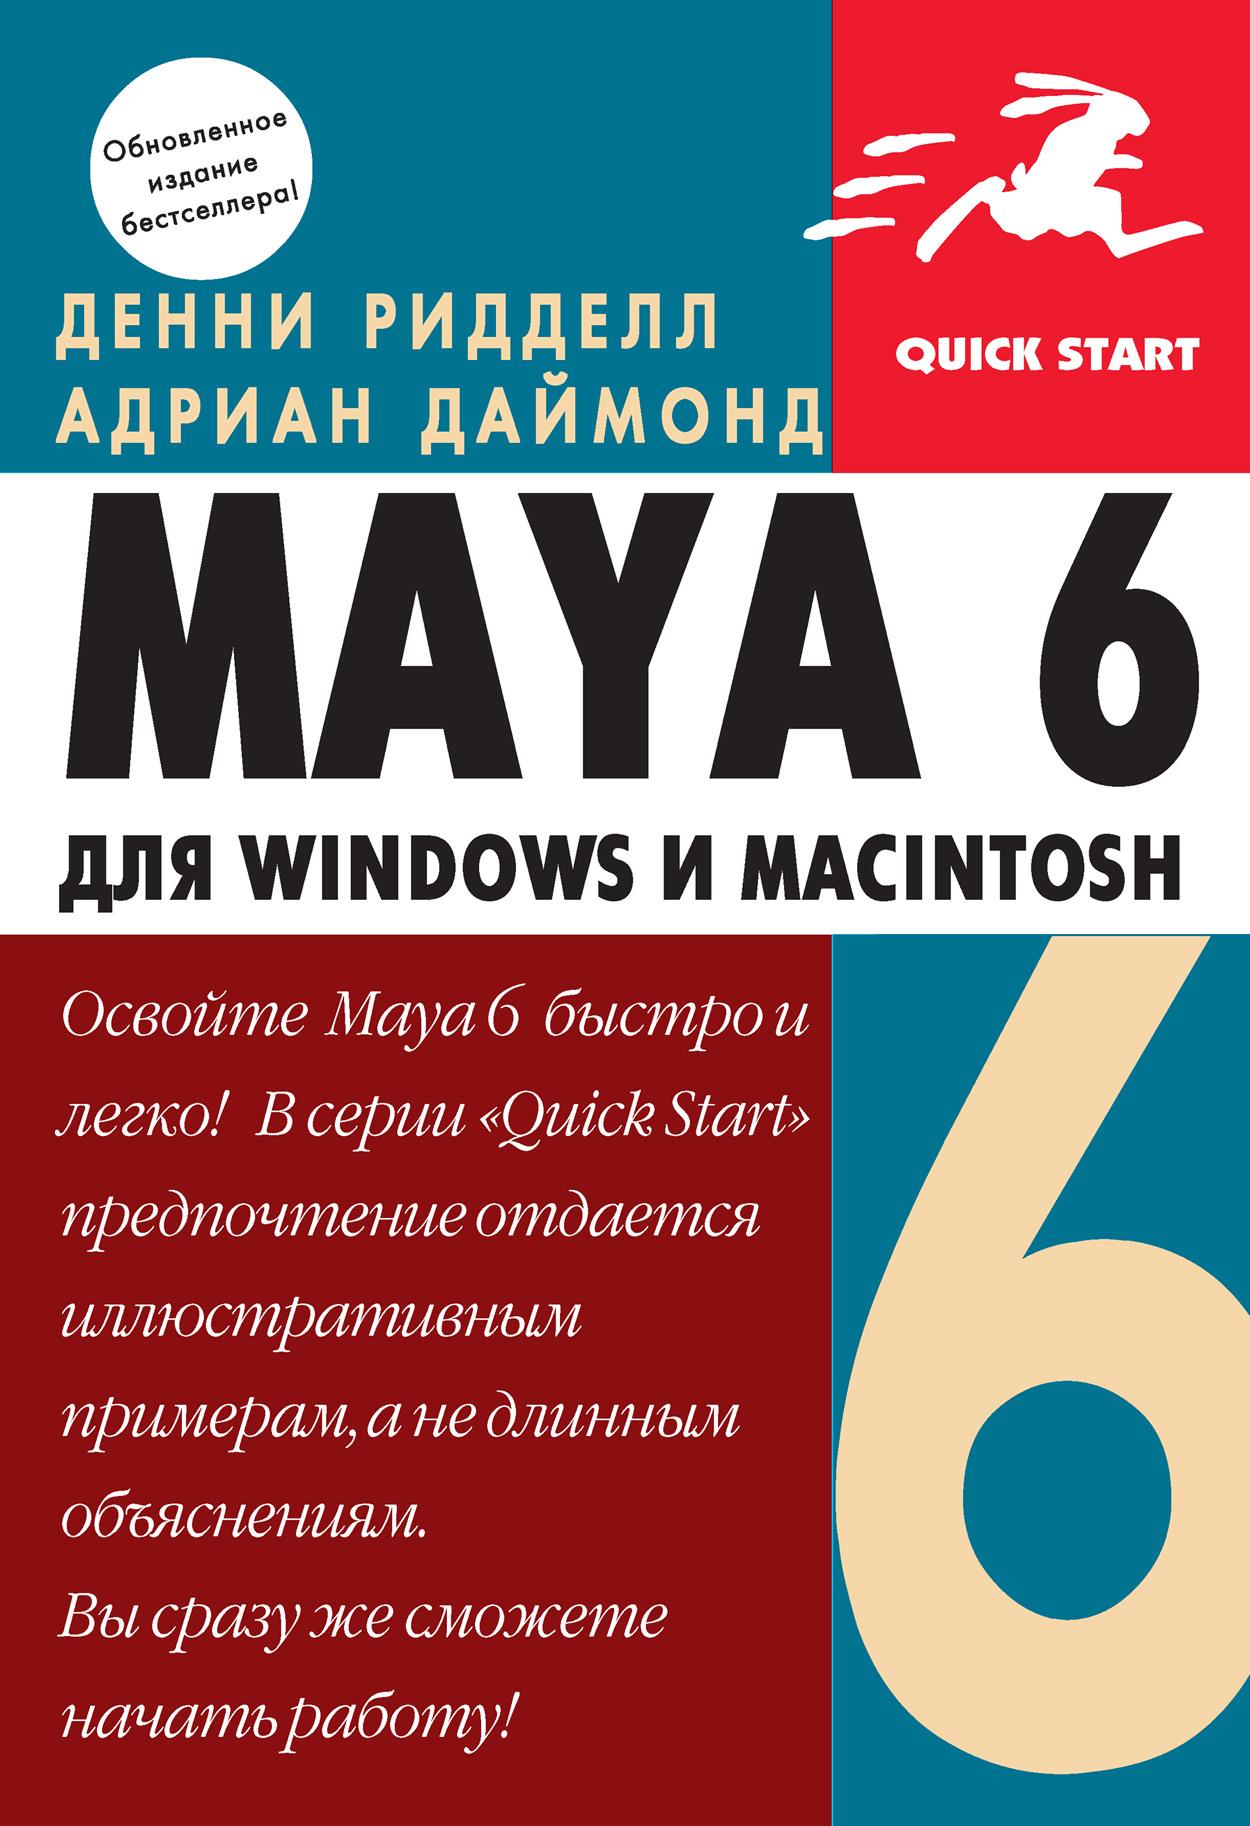 Денни Ридделл, Адриан Даймонд «Maya 6 для Windows и Macintosh»